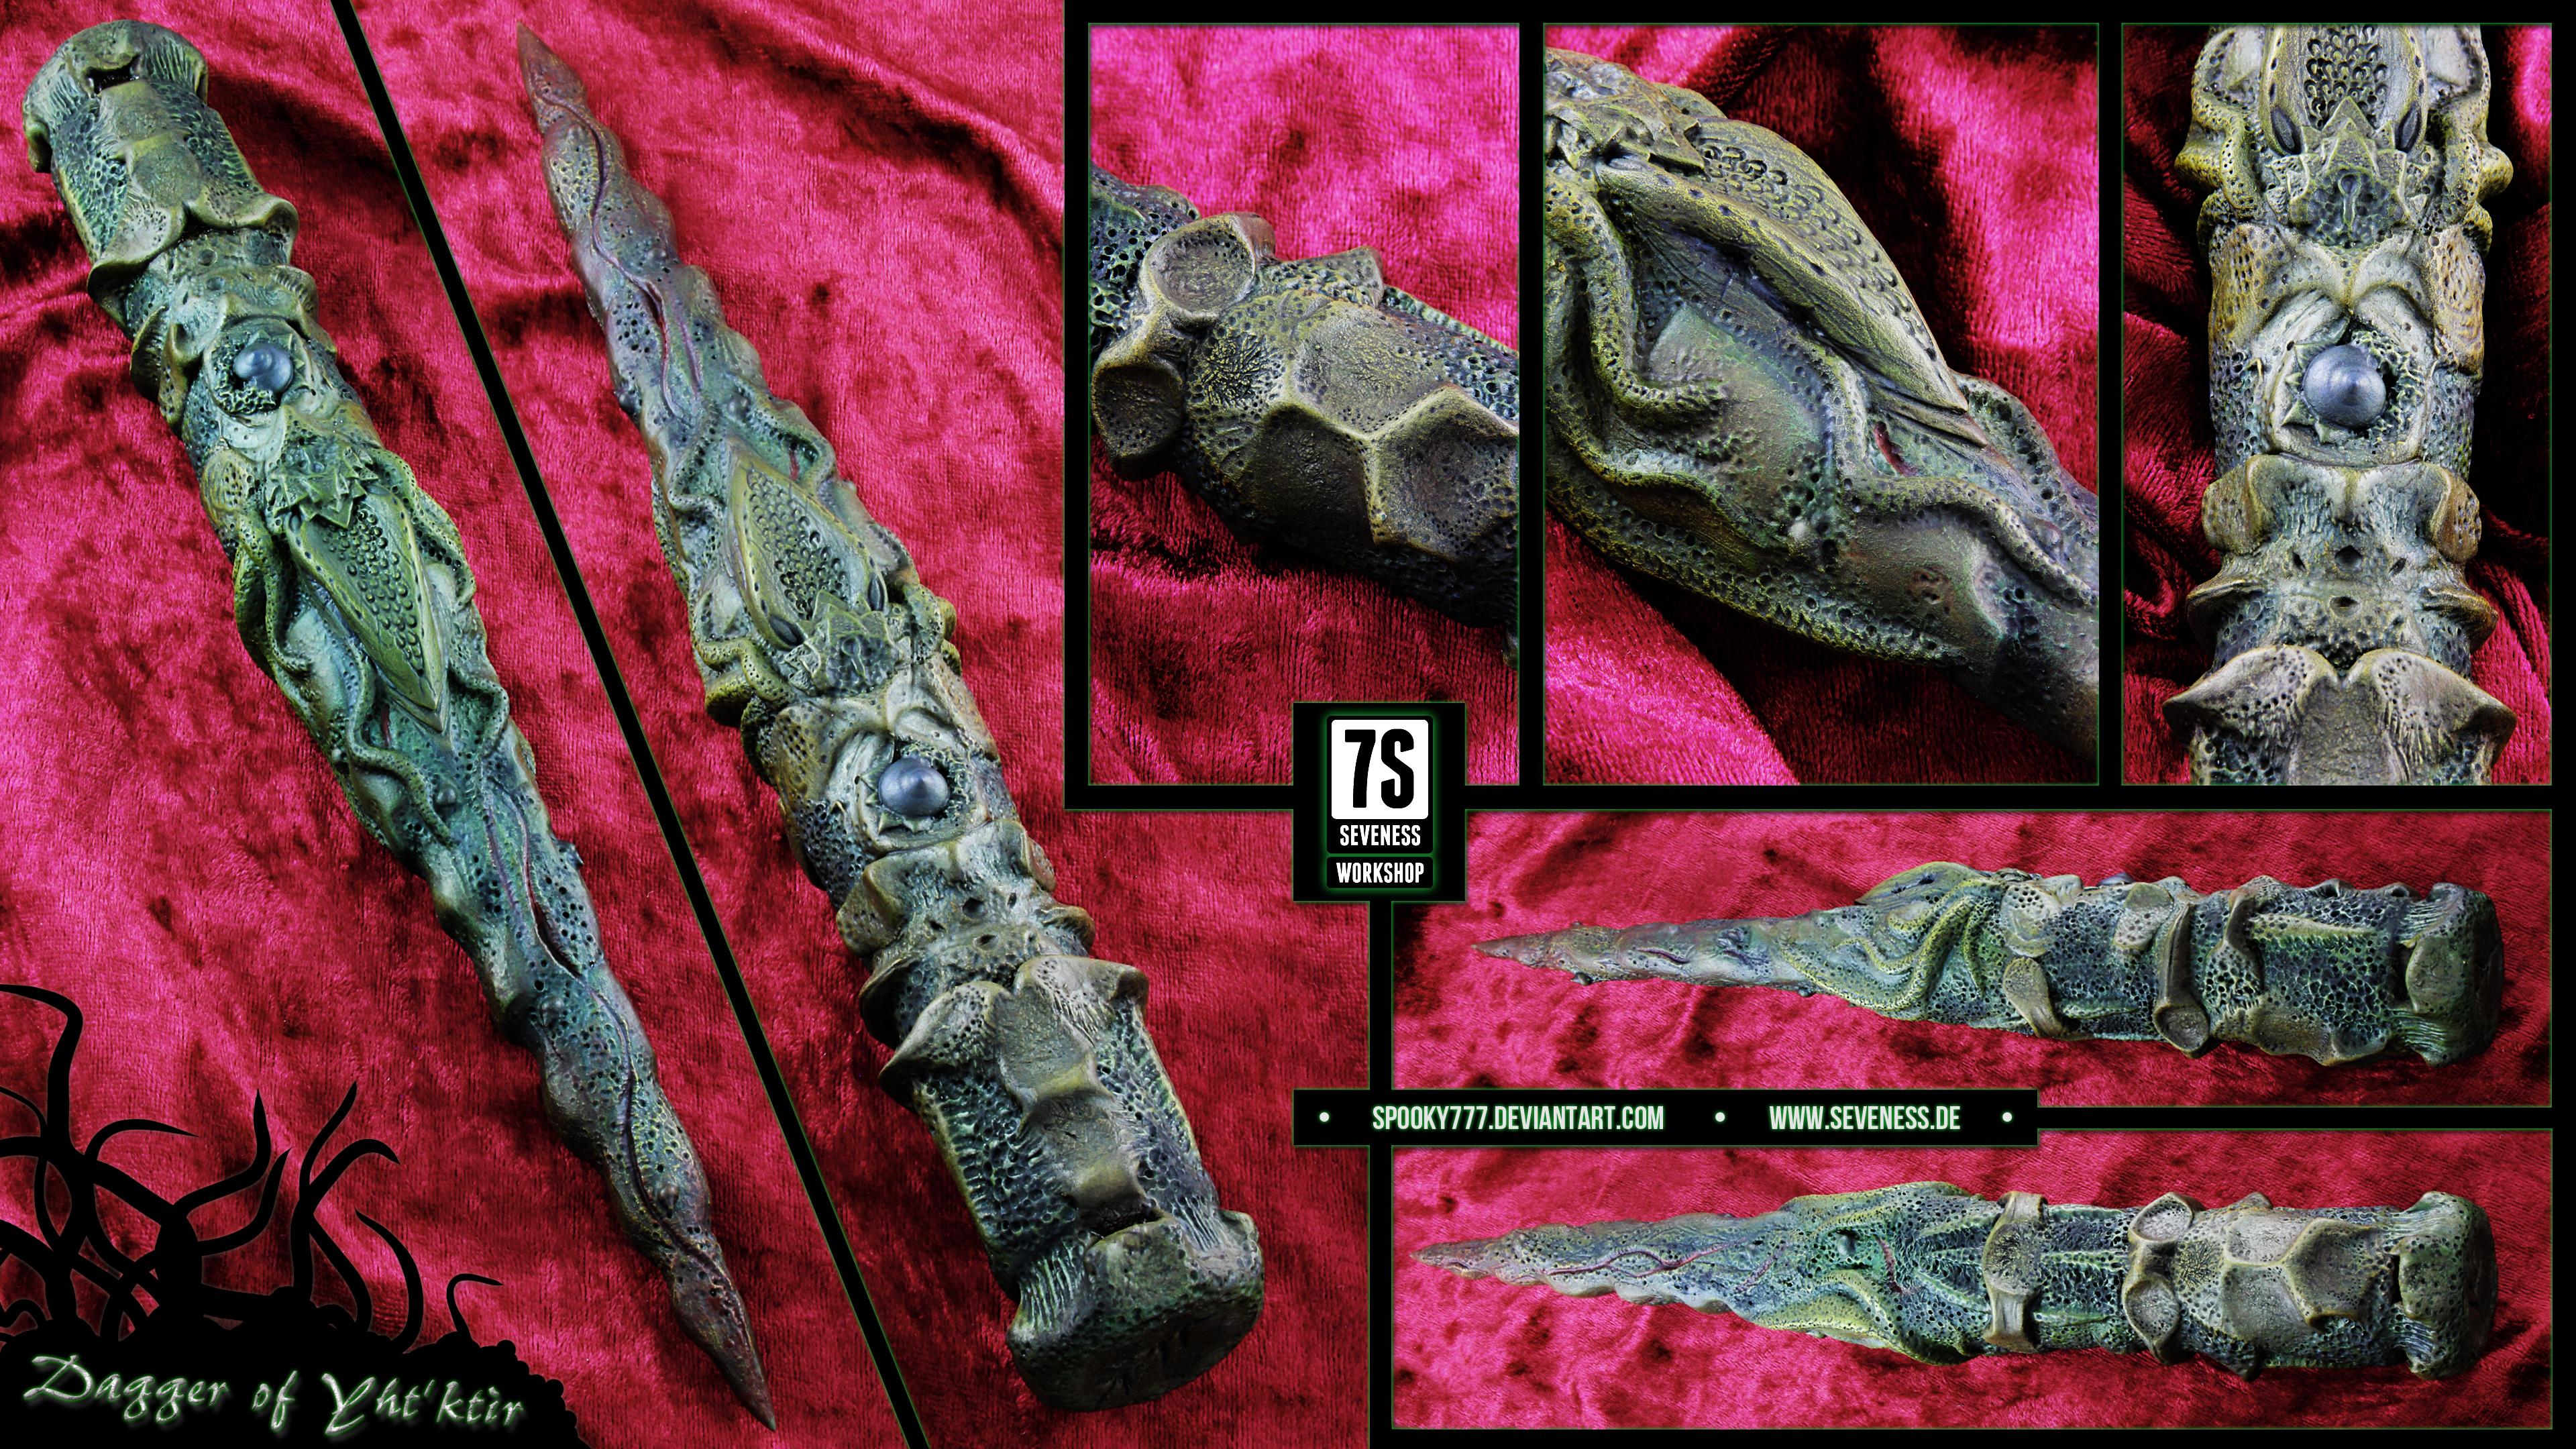 Dagger of Yht'ktir by SpOoKy777